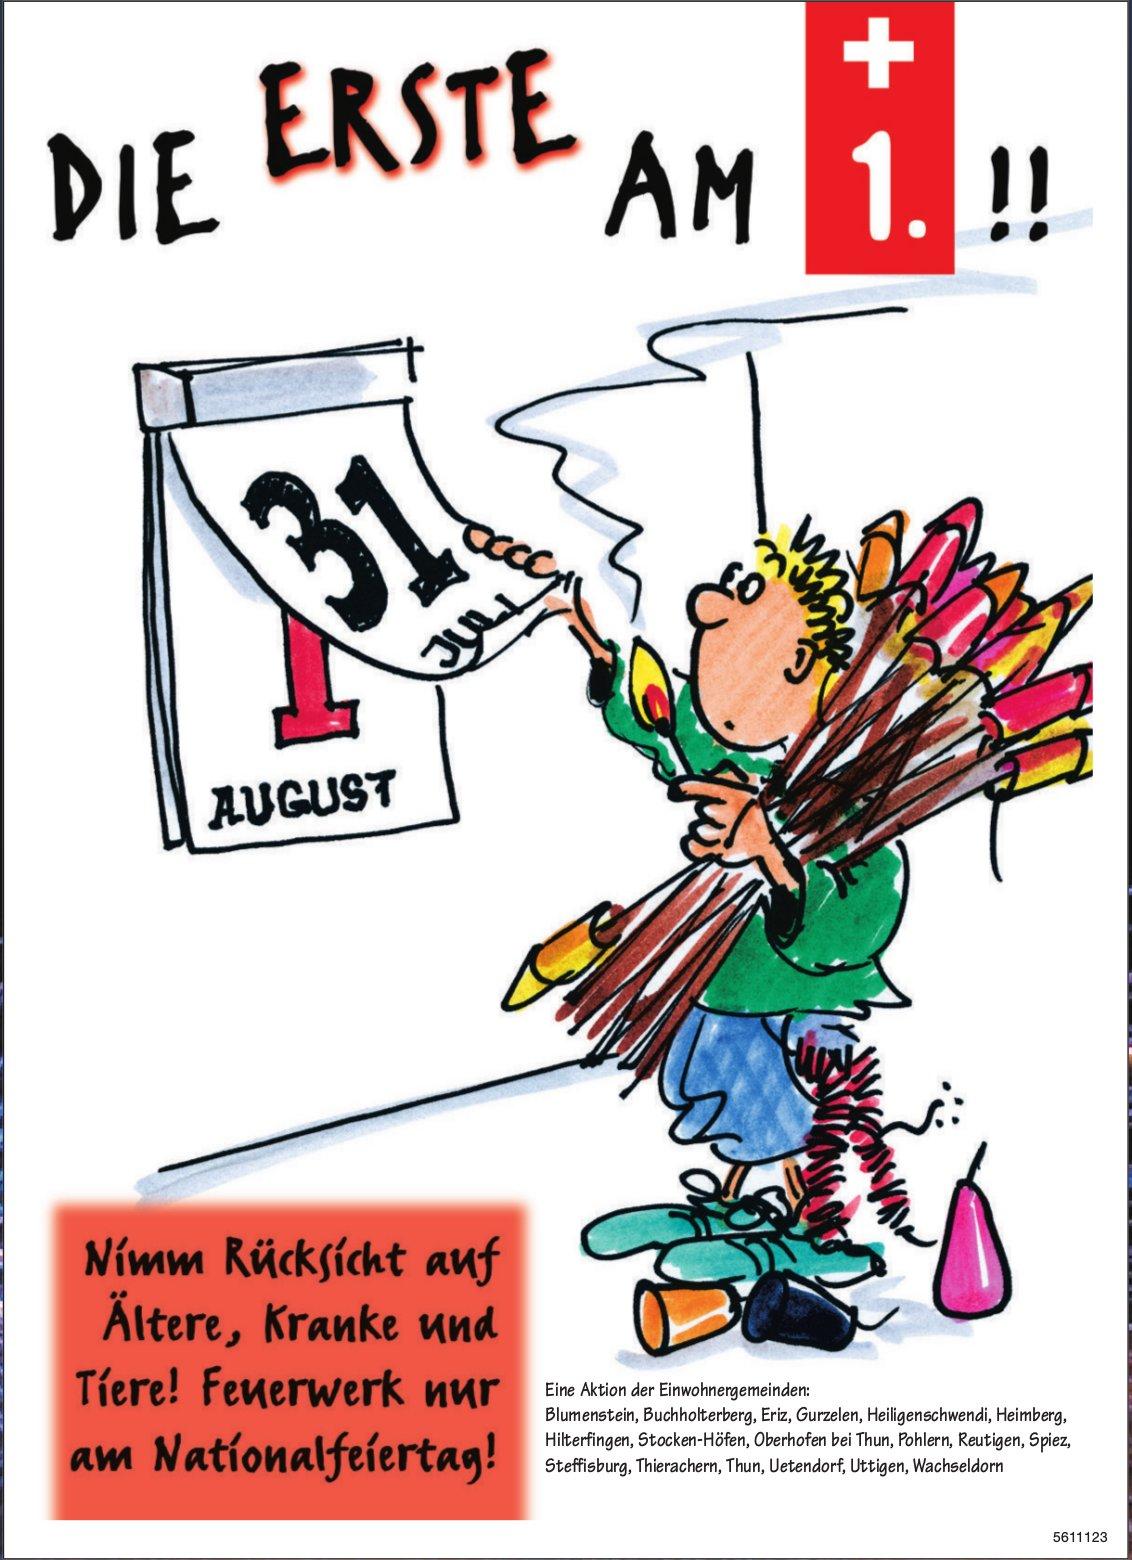 Die Erste am 1. !! Nimm Rücksicht auf Ältere, Kranke und Tiere! Feuerwerk nur am Nationalfeiertag!